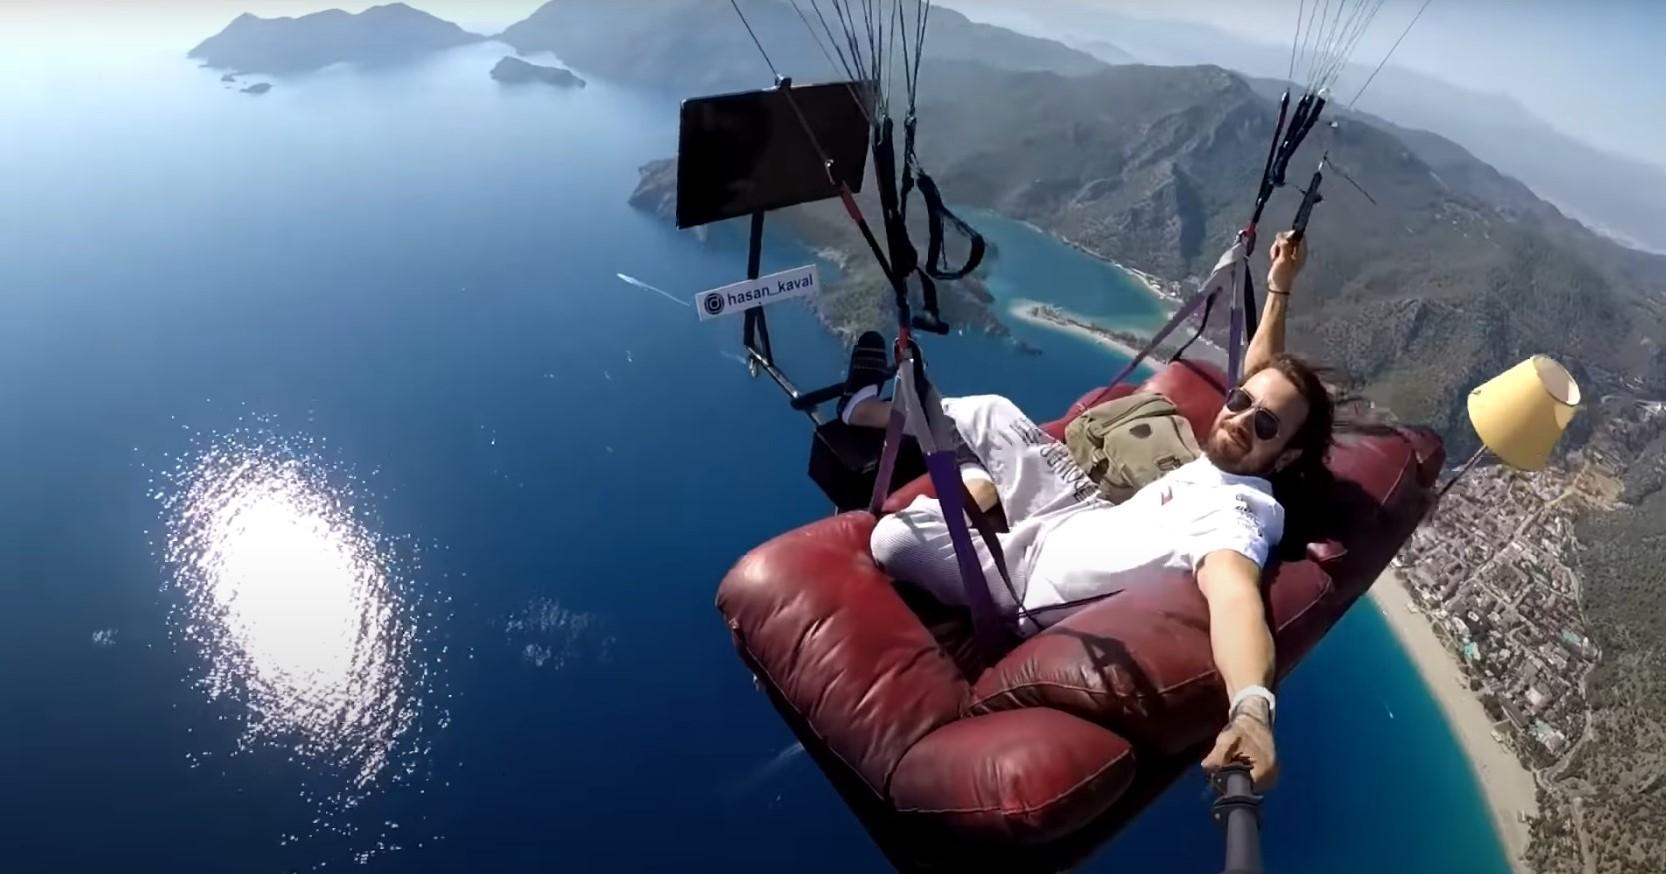 瘋出新高度!土耳其男子坐在沙發上玩滑翔傘,邊飛邊看電視